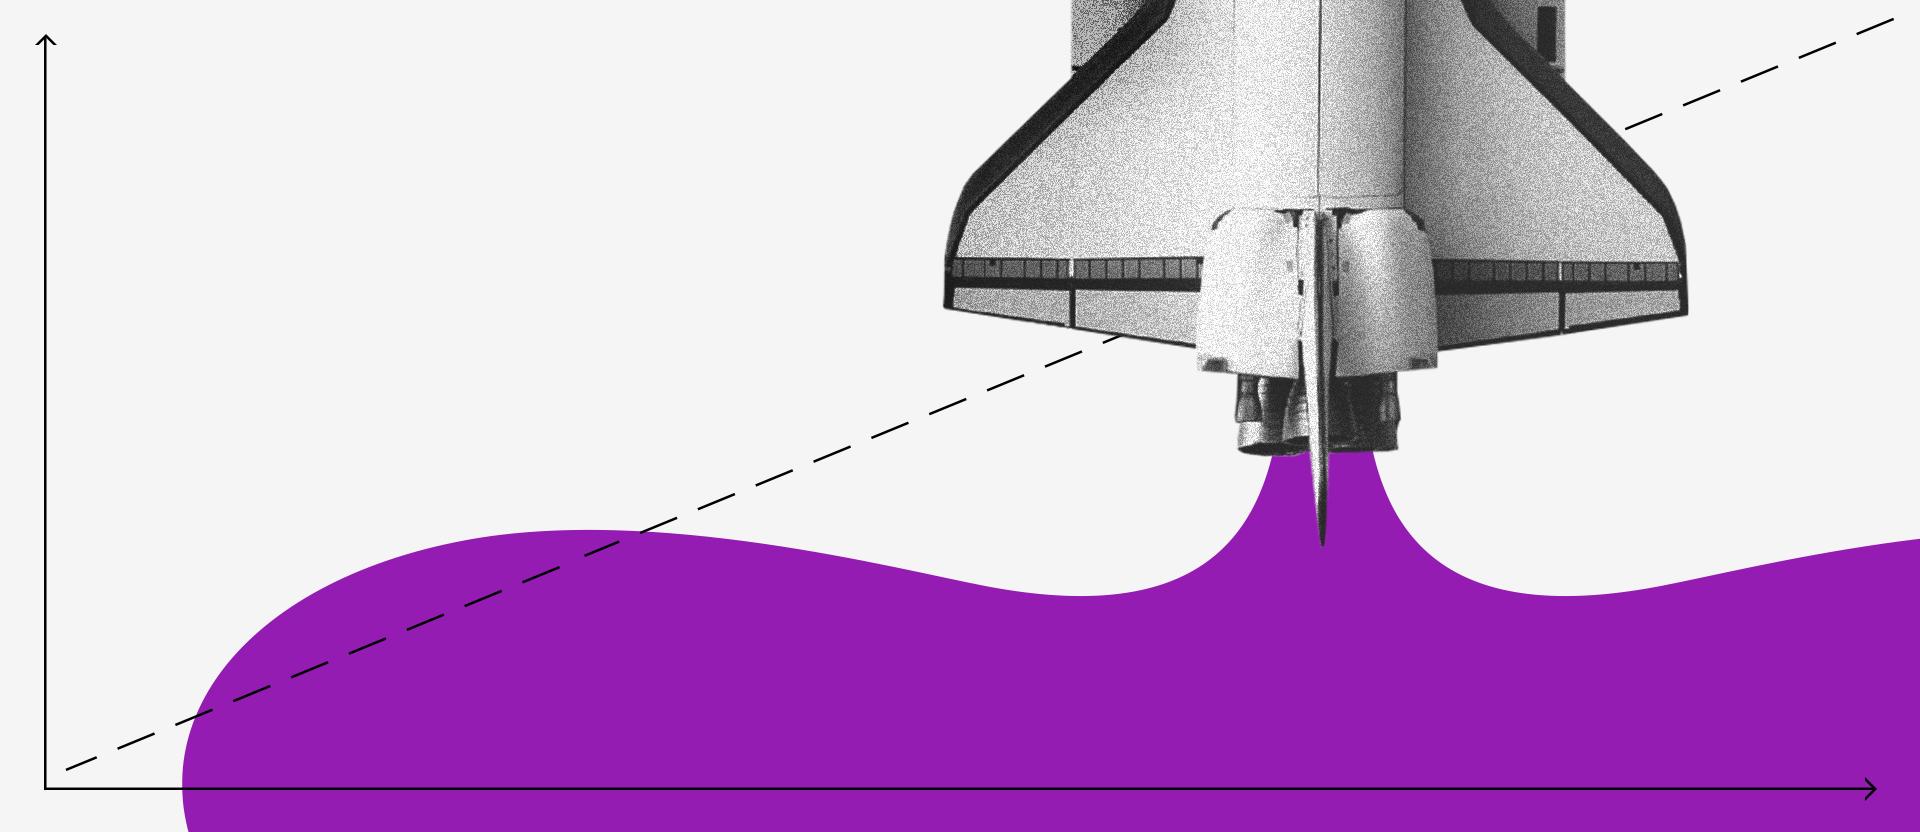 GameStop. Collage de un cohete despegando por cuya cola sale un